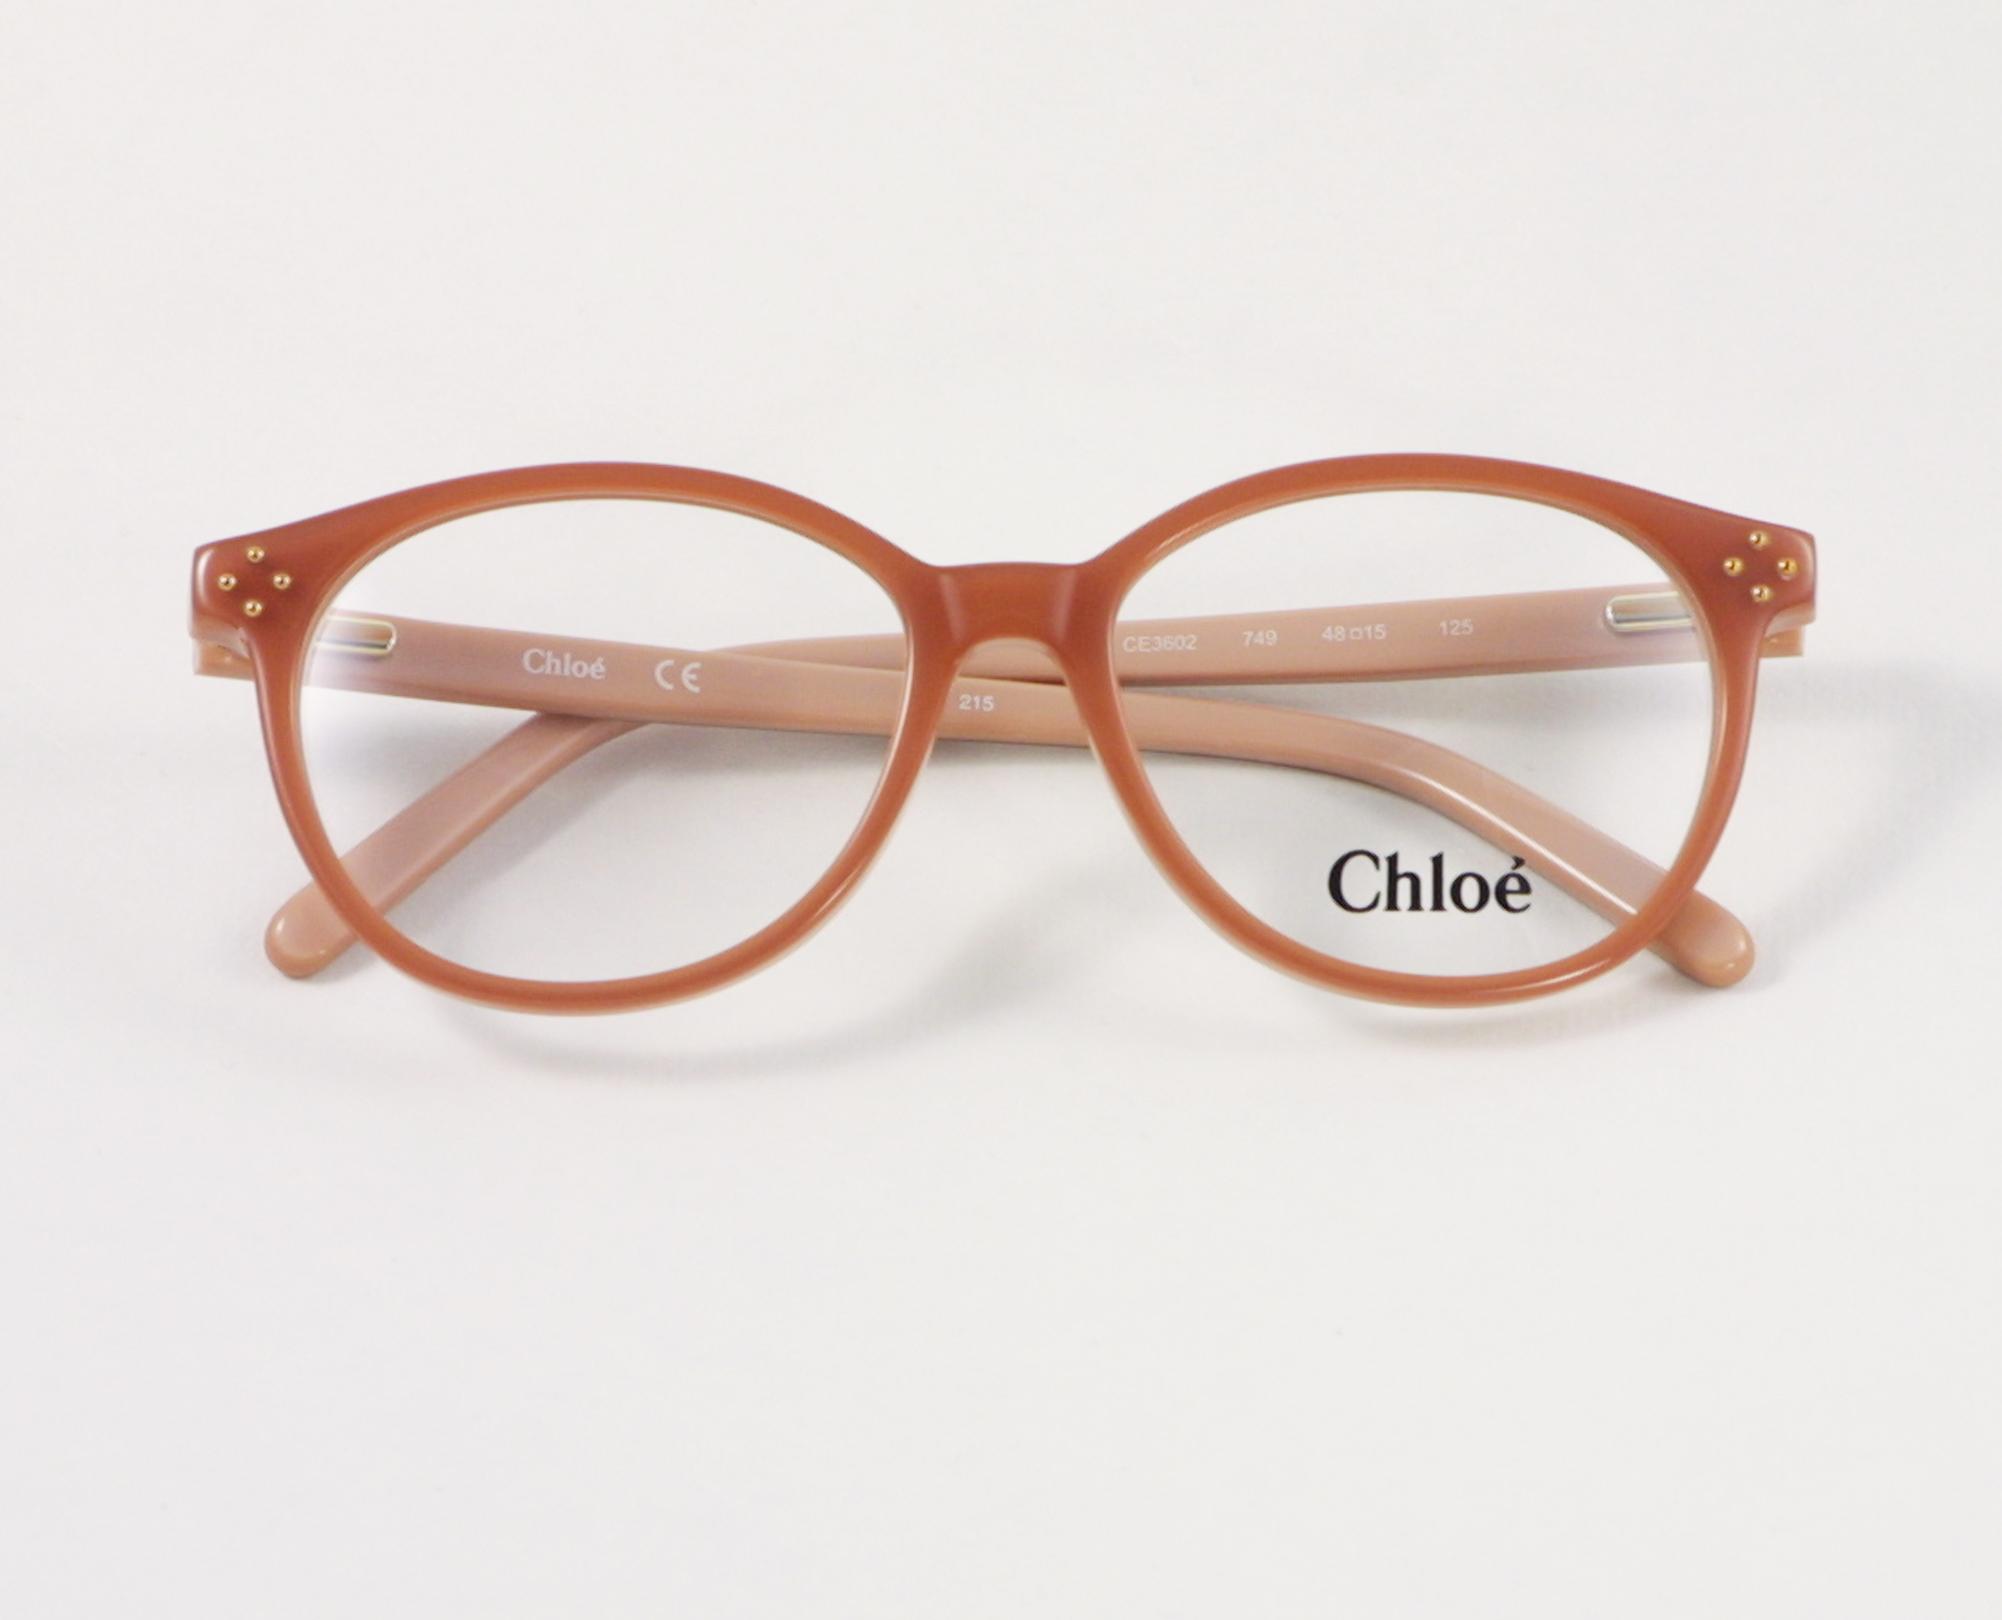 Bild: Brille von Chloé